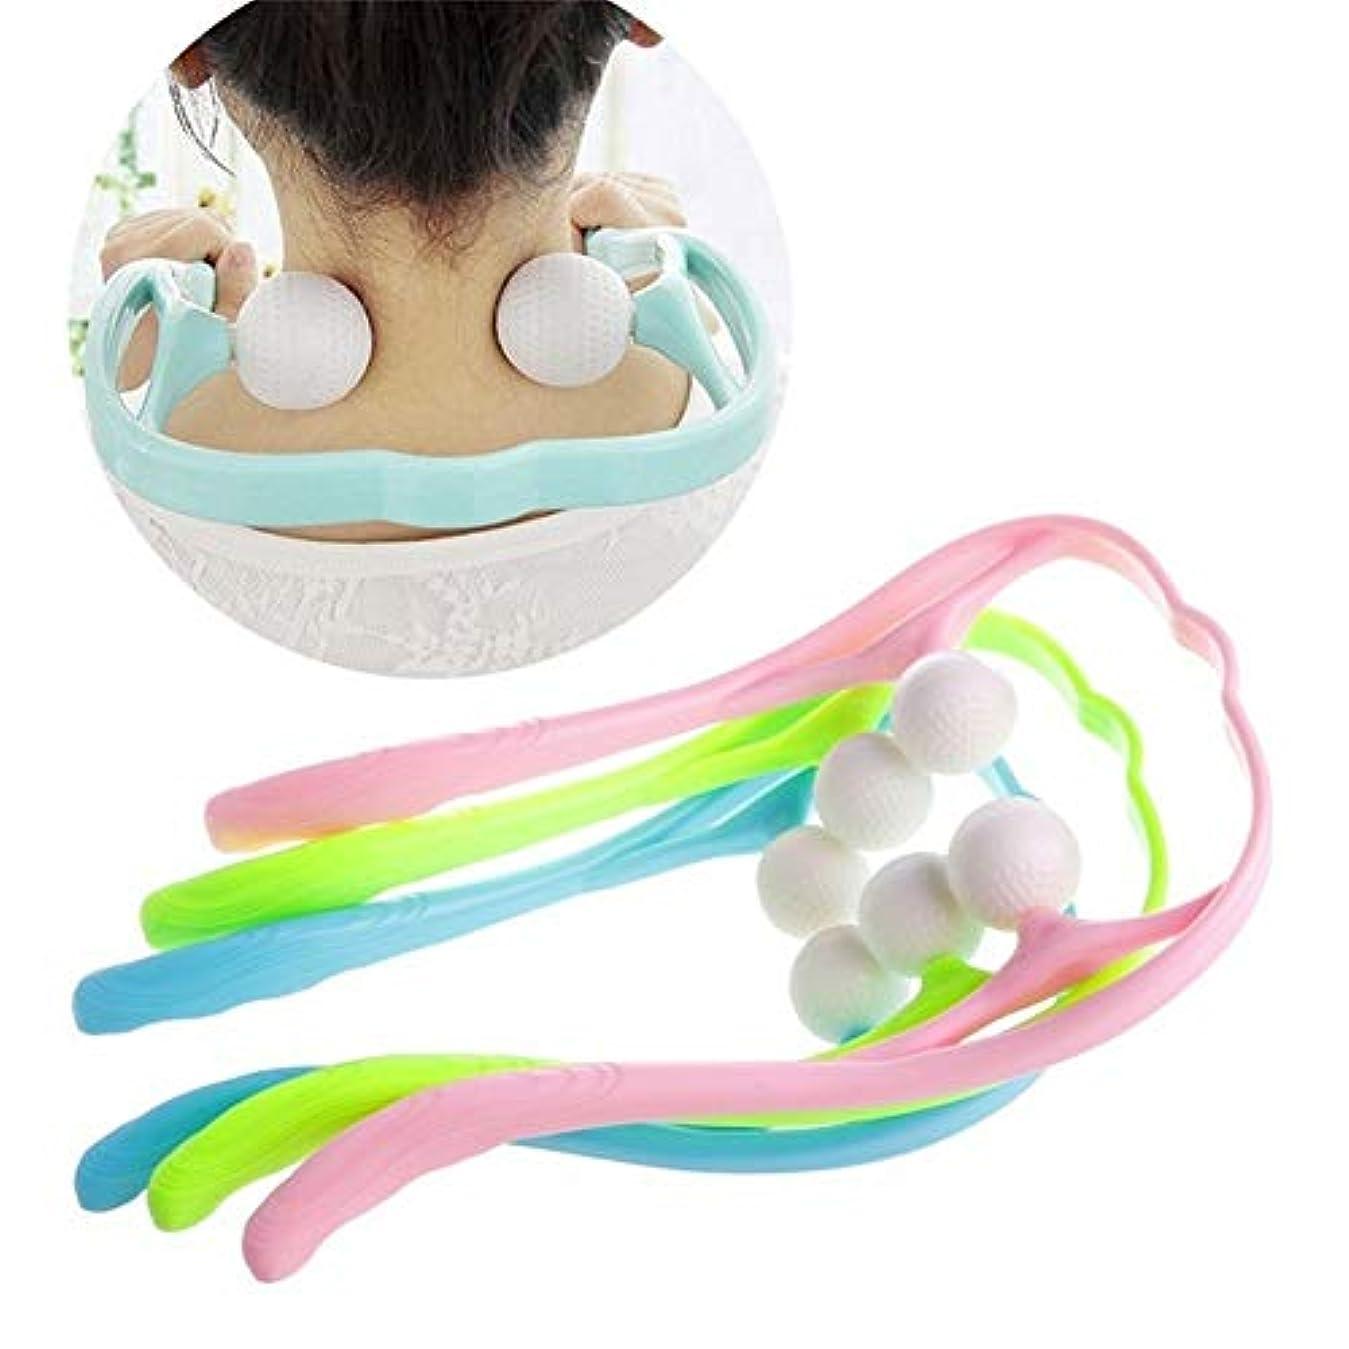 カフェ内訳眠り痛み緩和マッサージ、首のマッサージ、首の後ろの肩のためのデュアルトリガーポイントセルフマッサージツール,3pacs